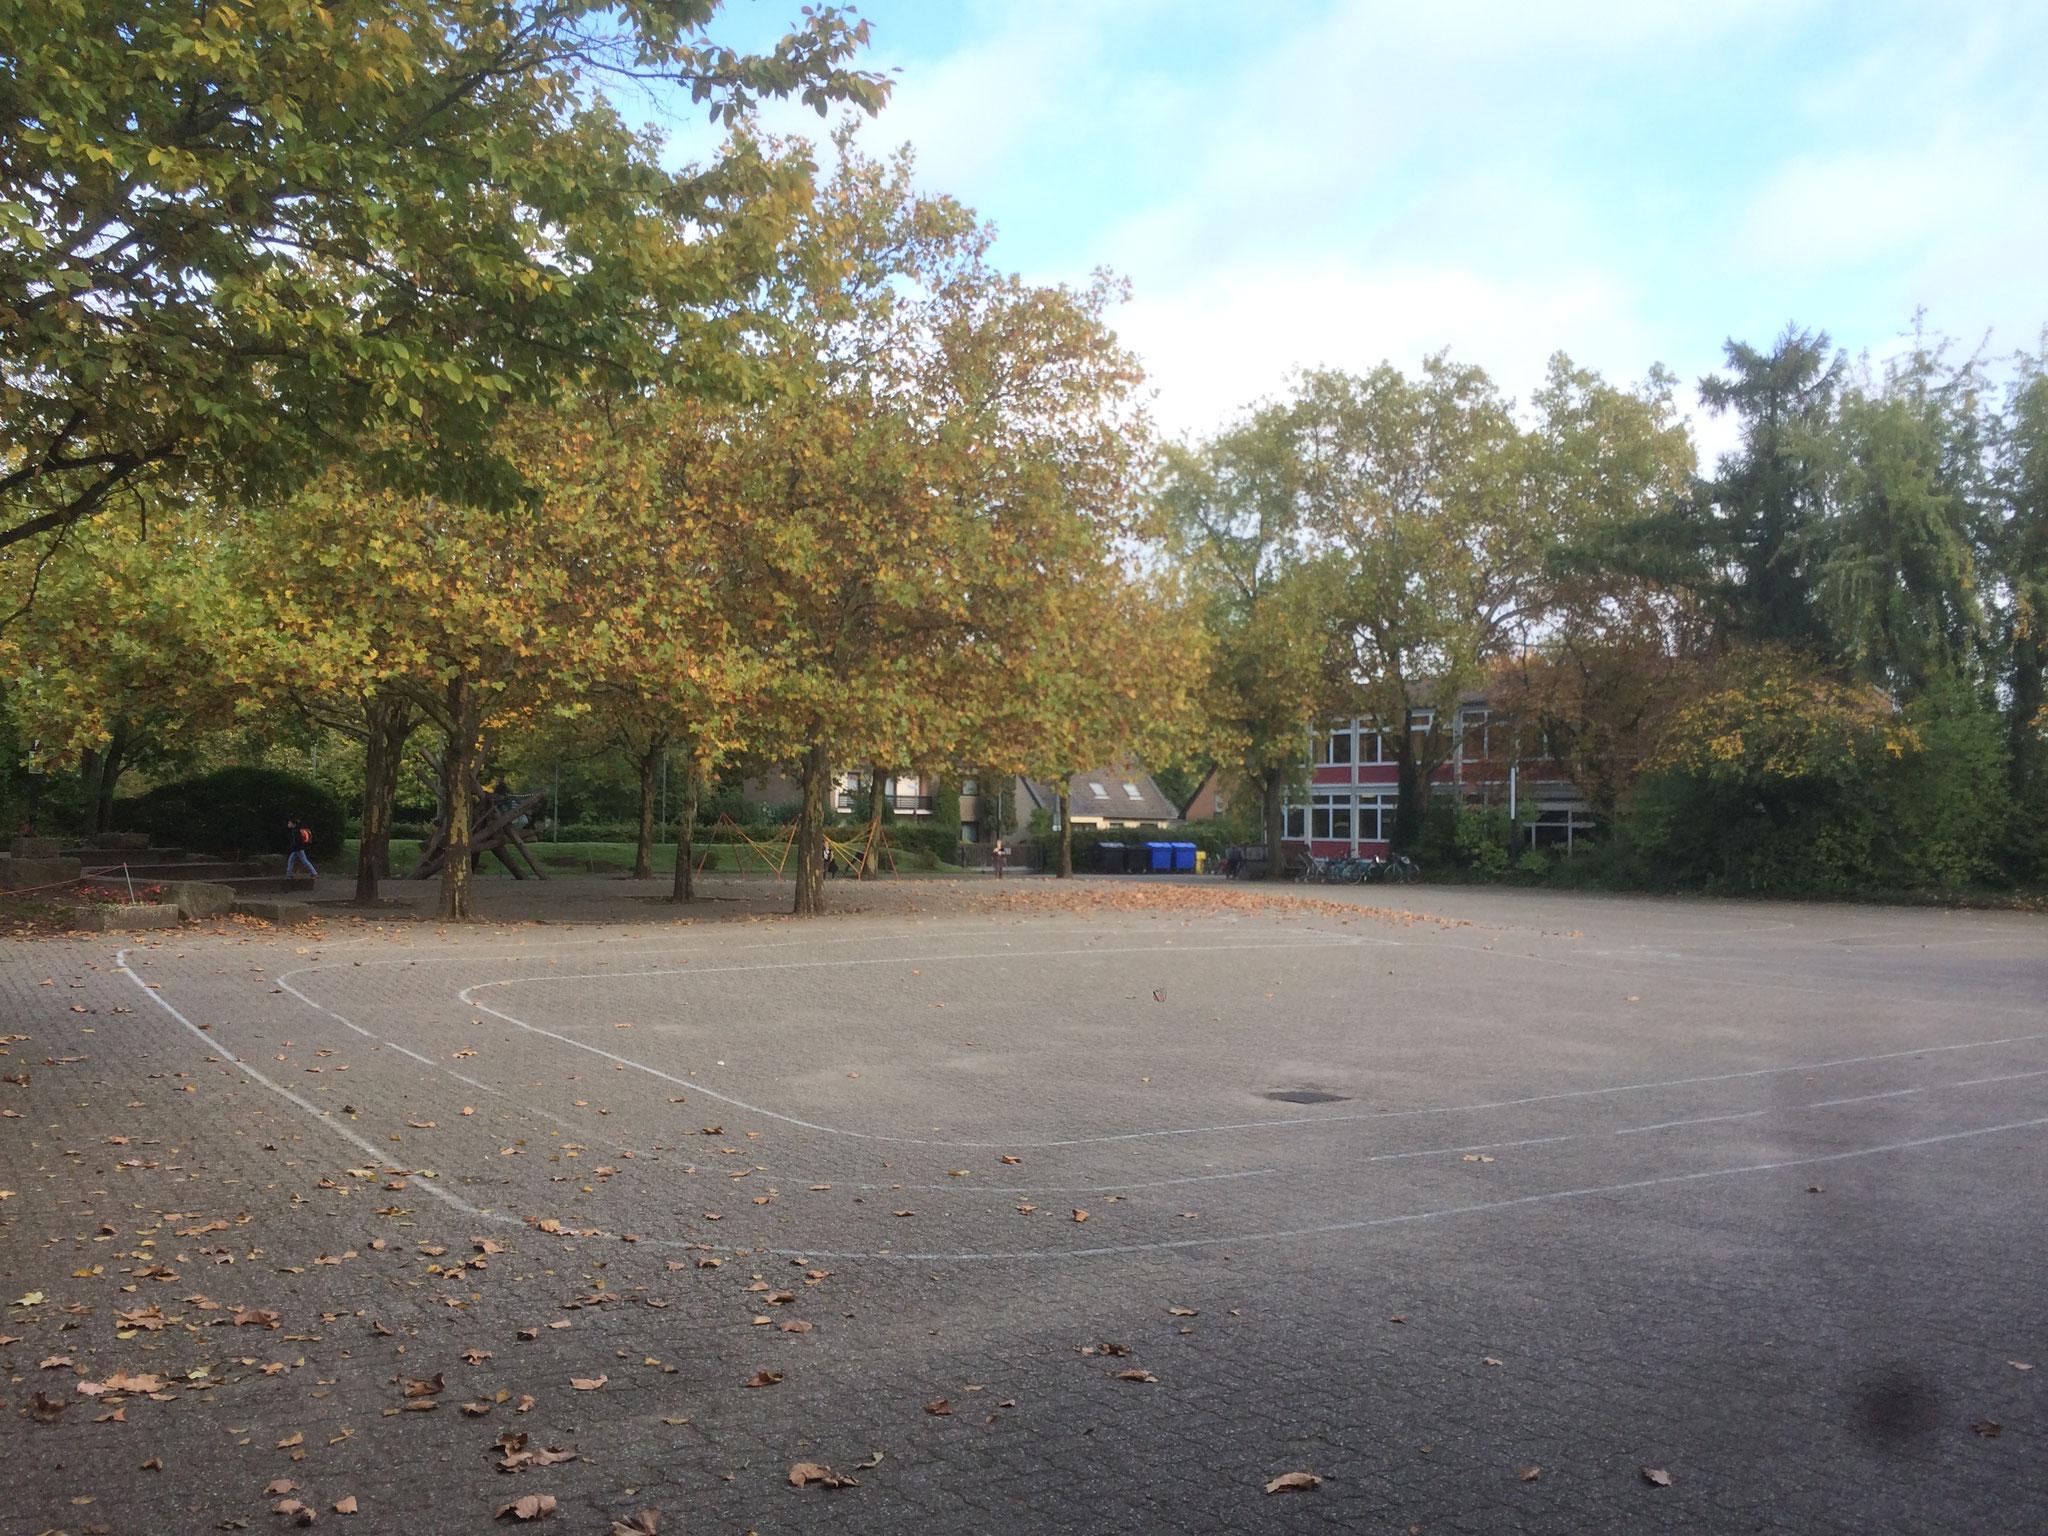 ... und der Schulhof nur herbstlich geschmückt.